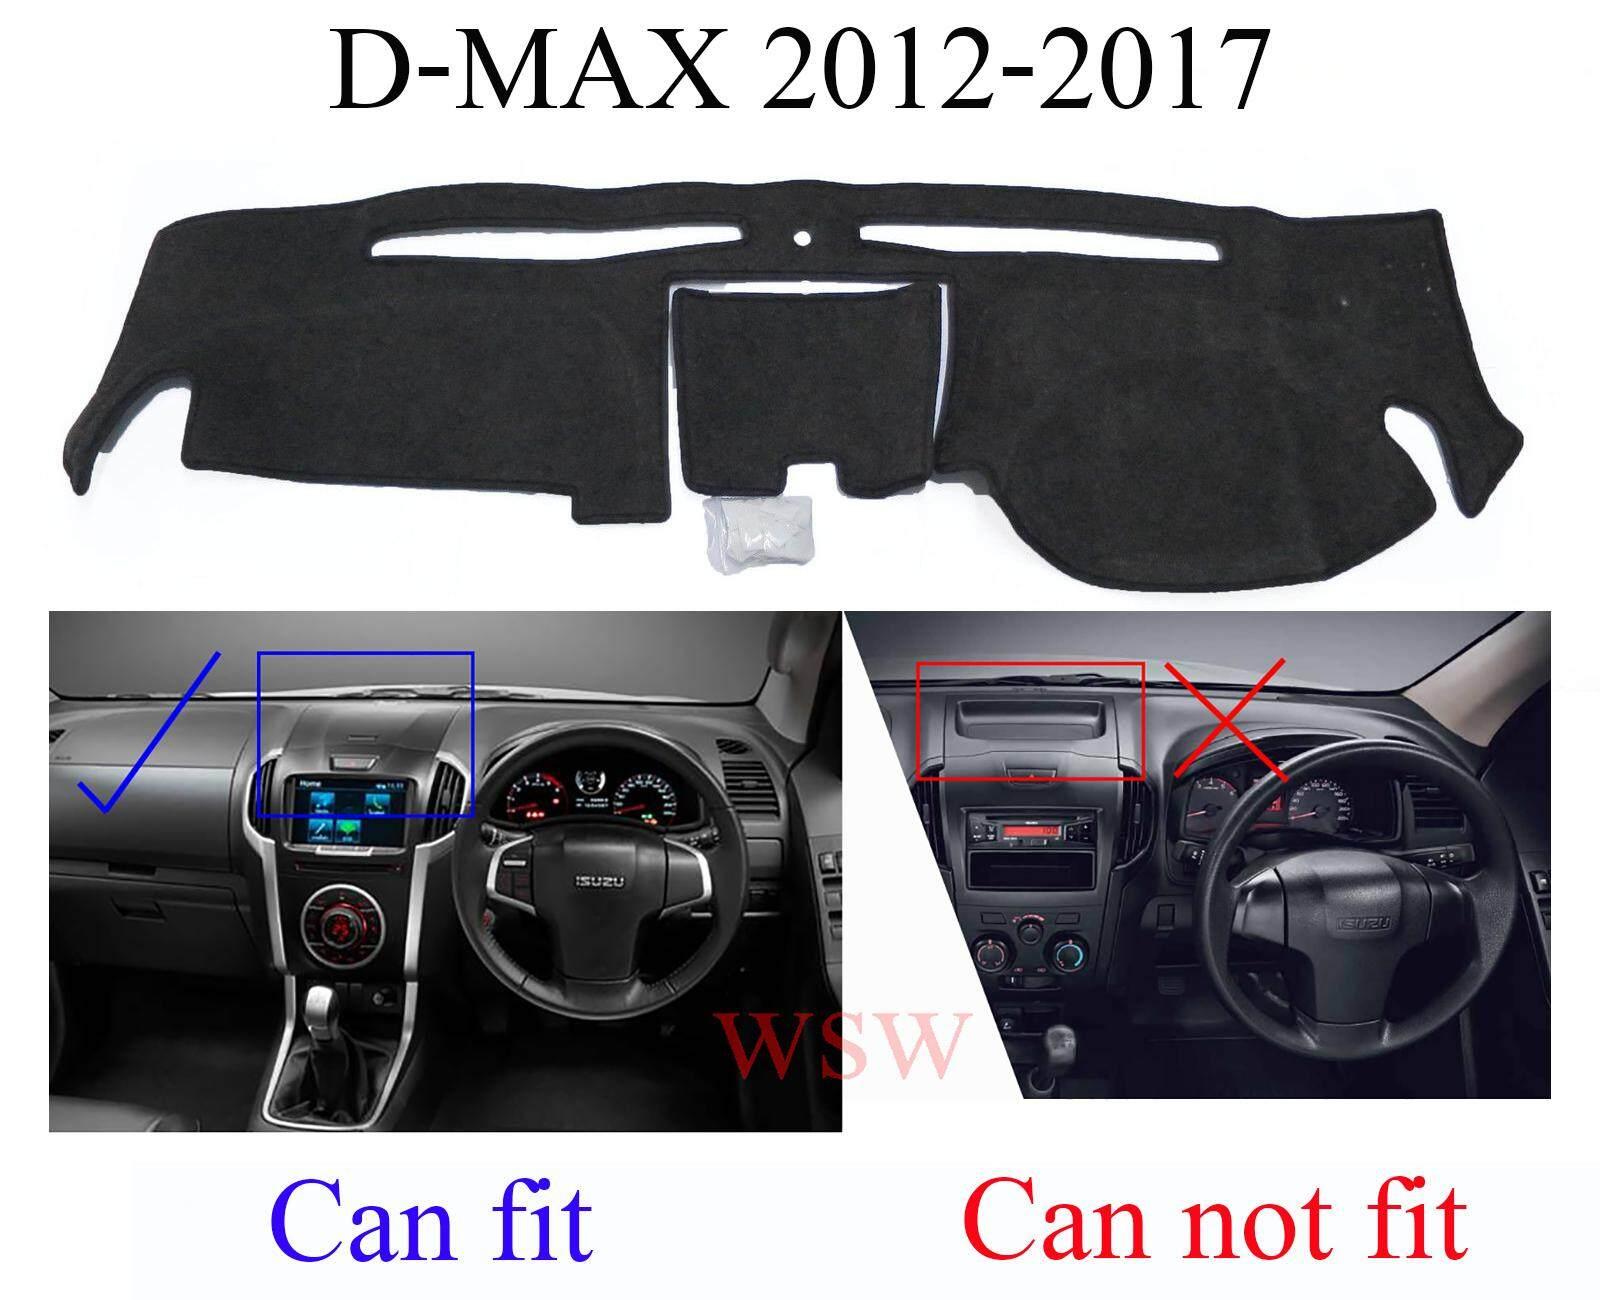 พรมแผงหน้าปัด All New Isuzu D-Max Dmax D Max Isuzu Mu X Mux Mu-X 2012-2019 พรมปูคอนโซลหน้ารถ พรมปู คอนโซล หน้ารถ พรมปูหน้ารถ กระบะ อีซูซุ ดีแม็ค มิวเอ็กซ์ 1213 14 15 16 17 18 19 รุ่นคอนโซลกลางกดเด้ง ราคาส่ง ราคาถูก ราคาโรงาน By Wsautoparts.